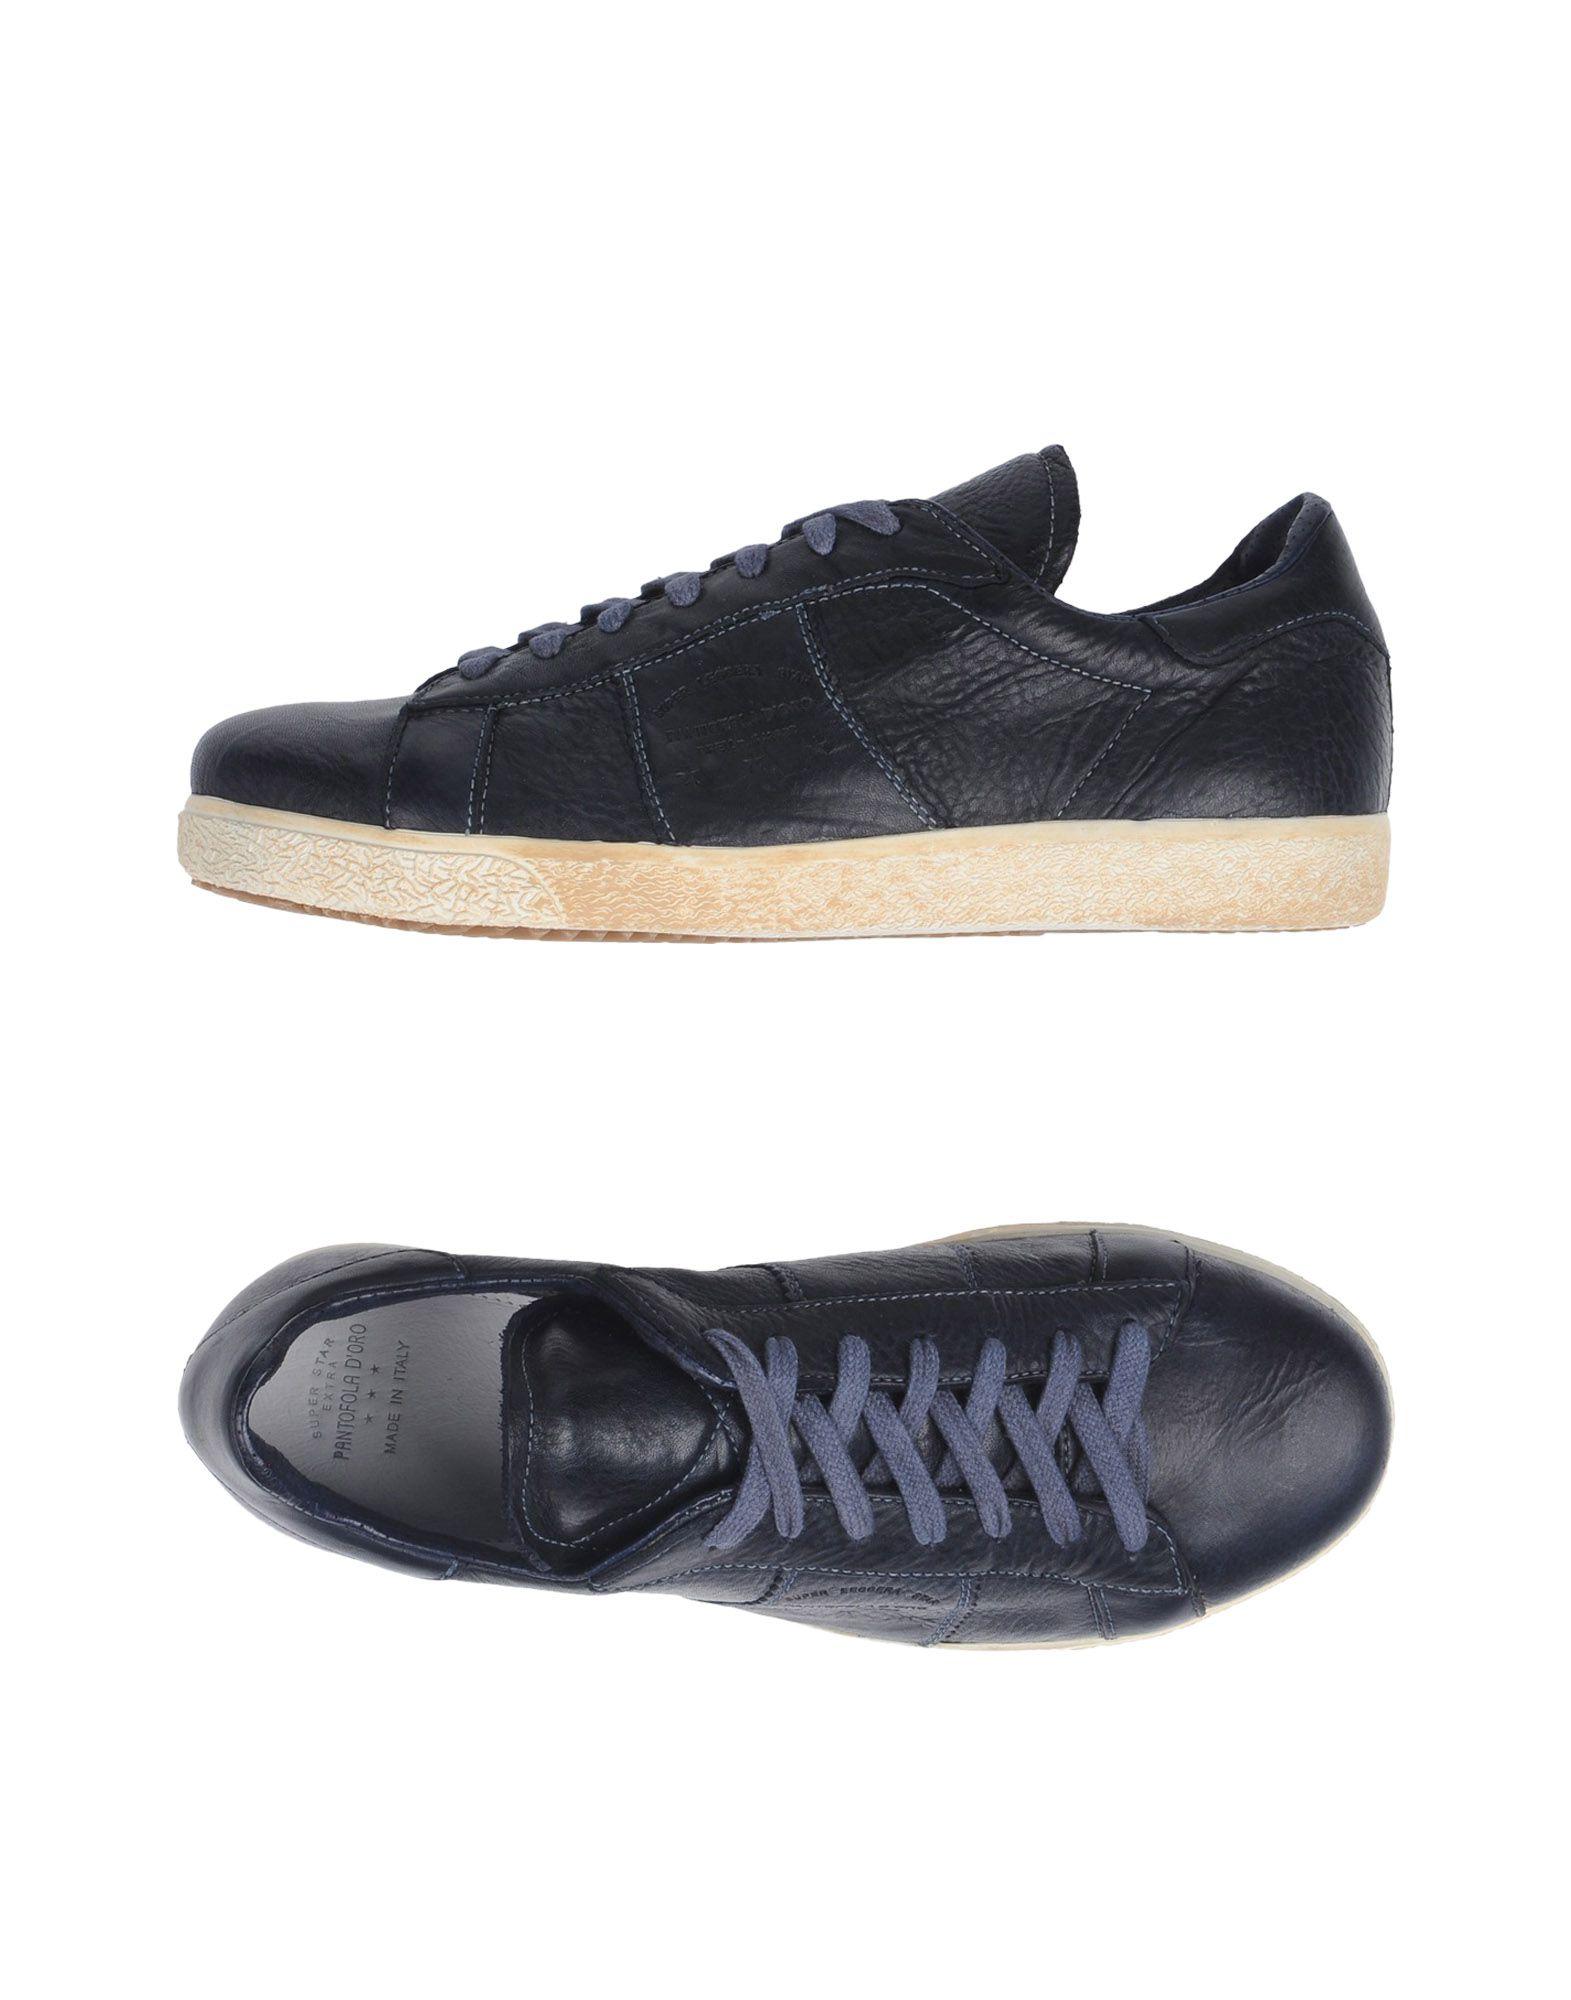 Pantofola D'oro Sneakers Herren   11353988TP de9231